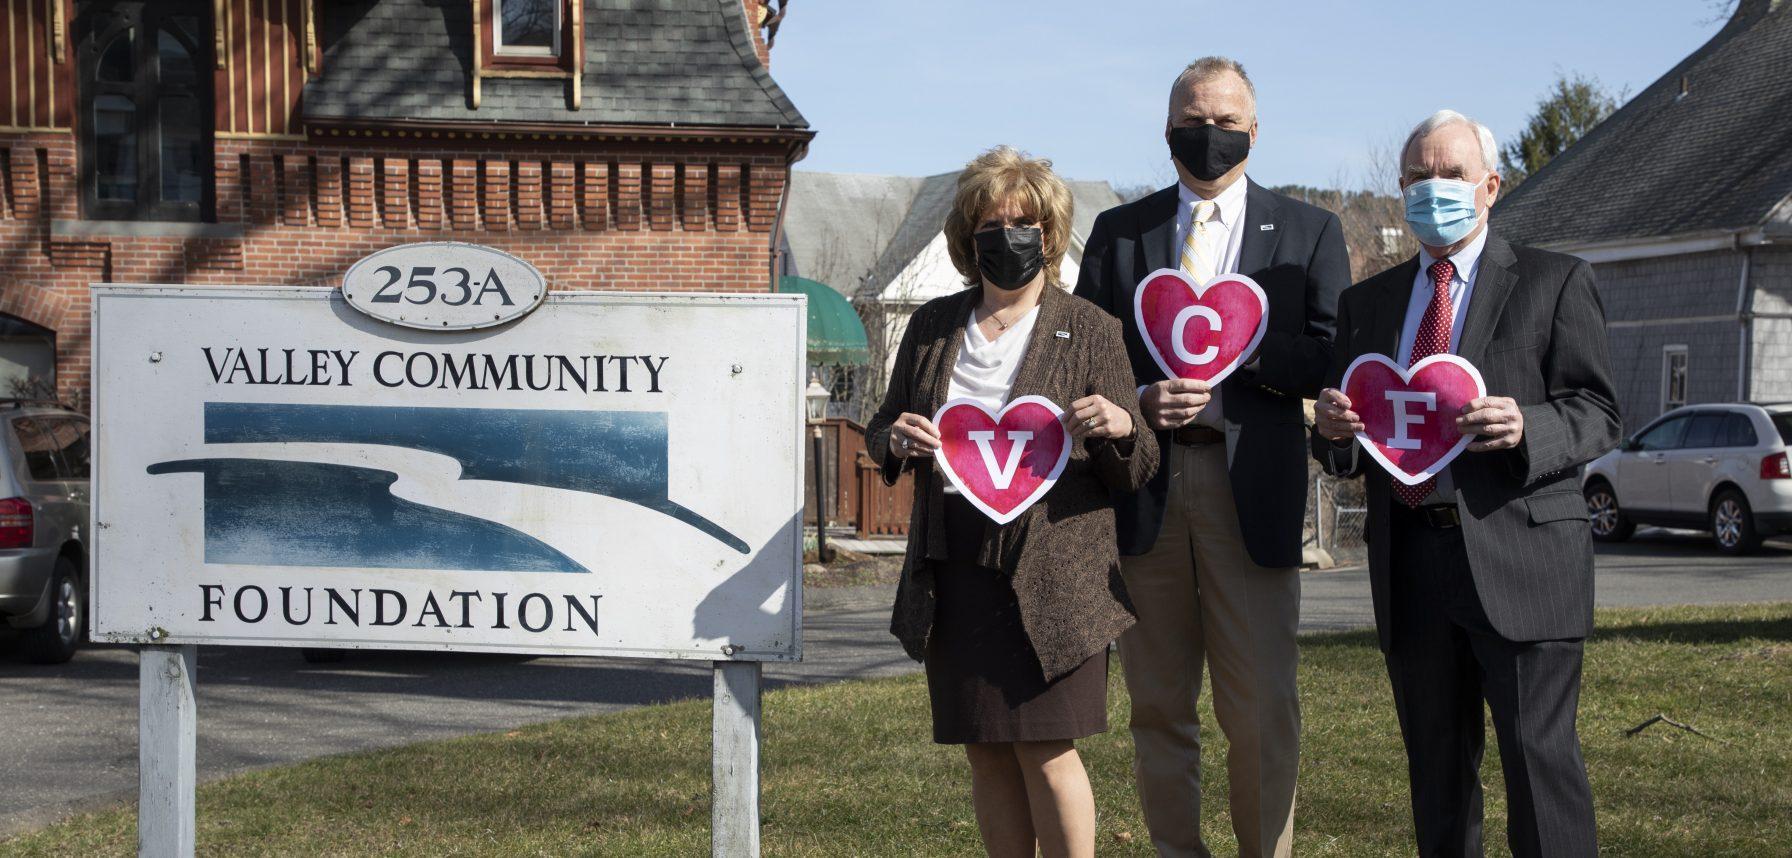 Valley Community Foundation Photo